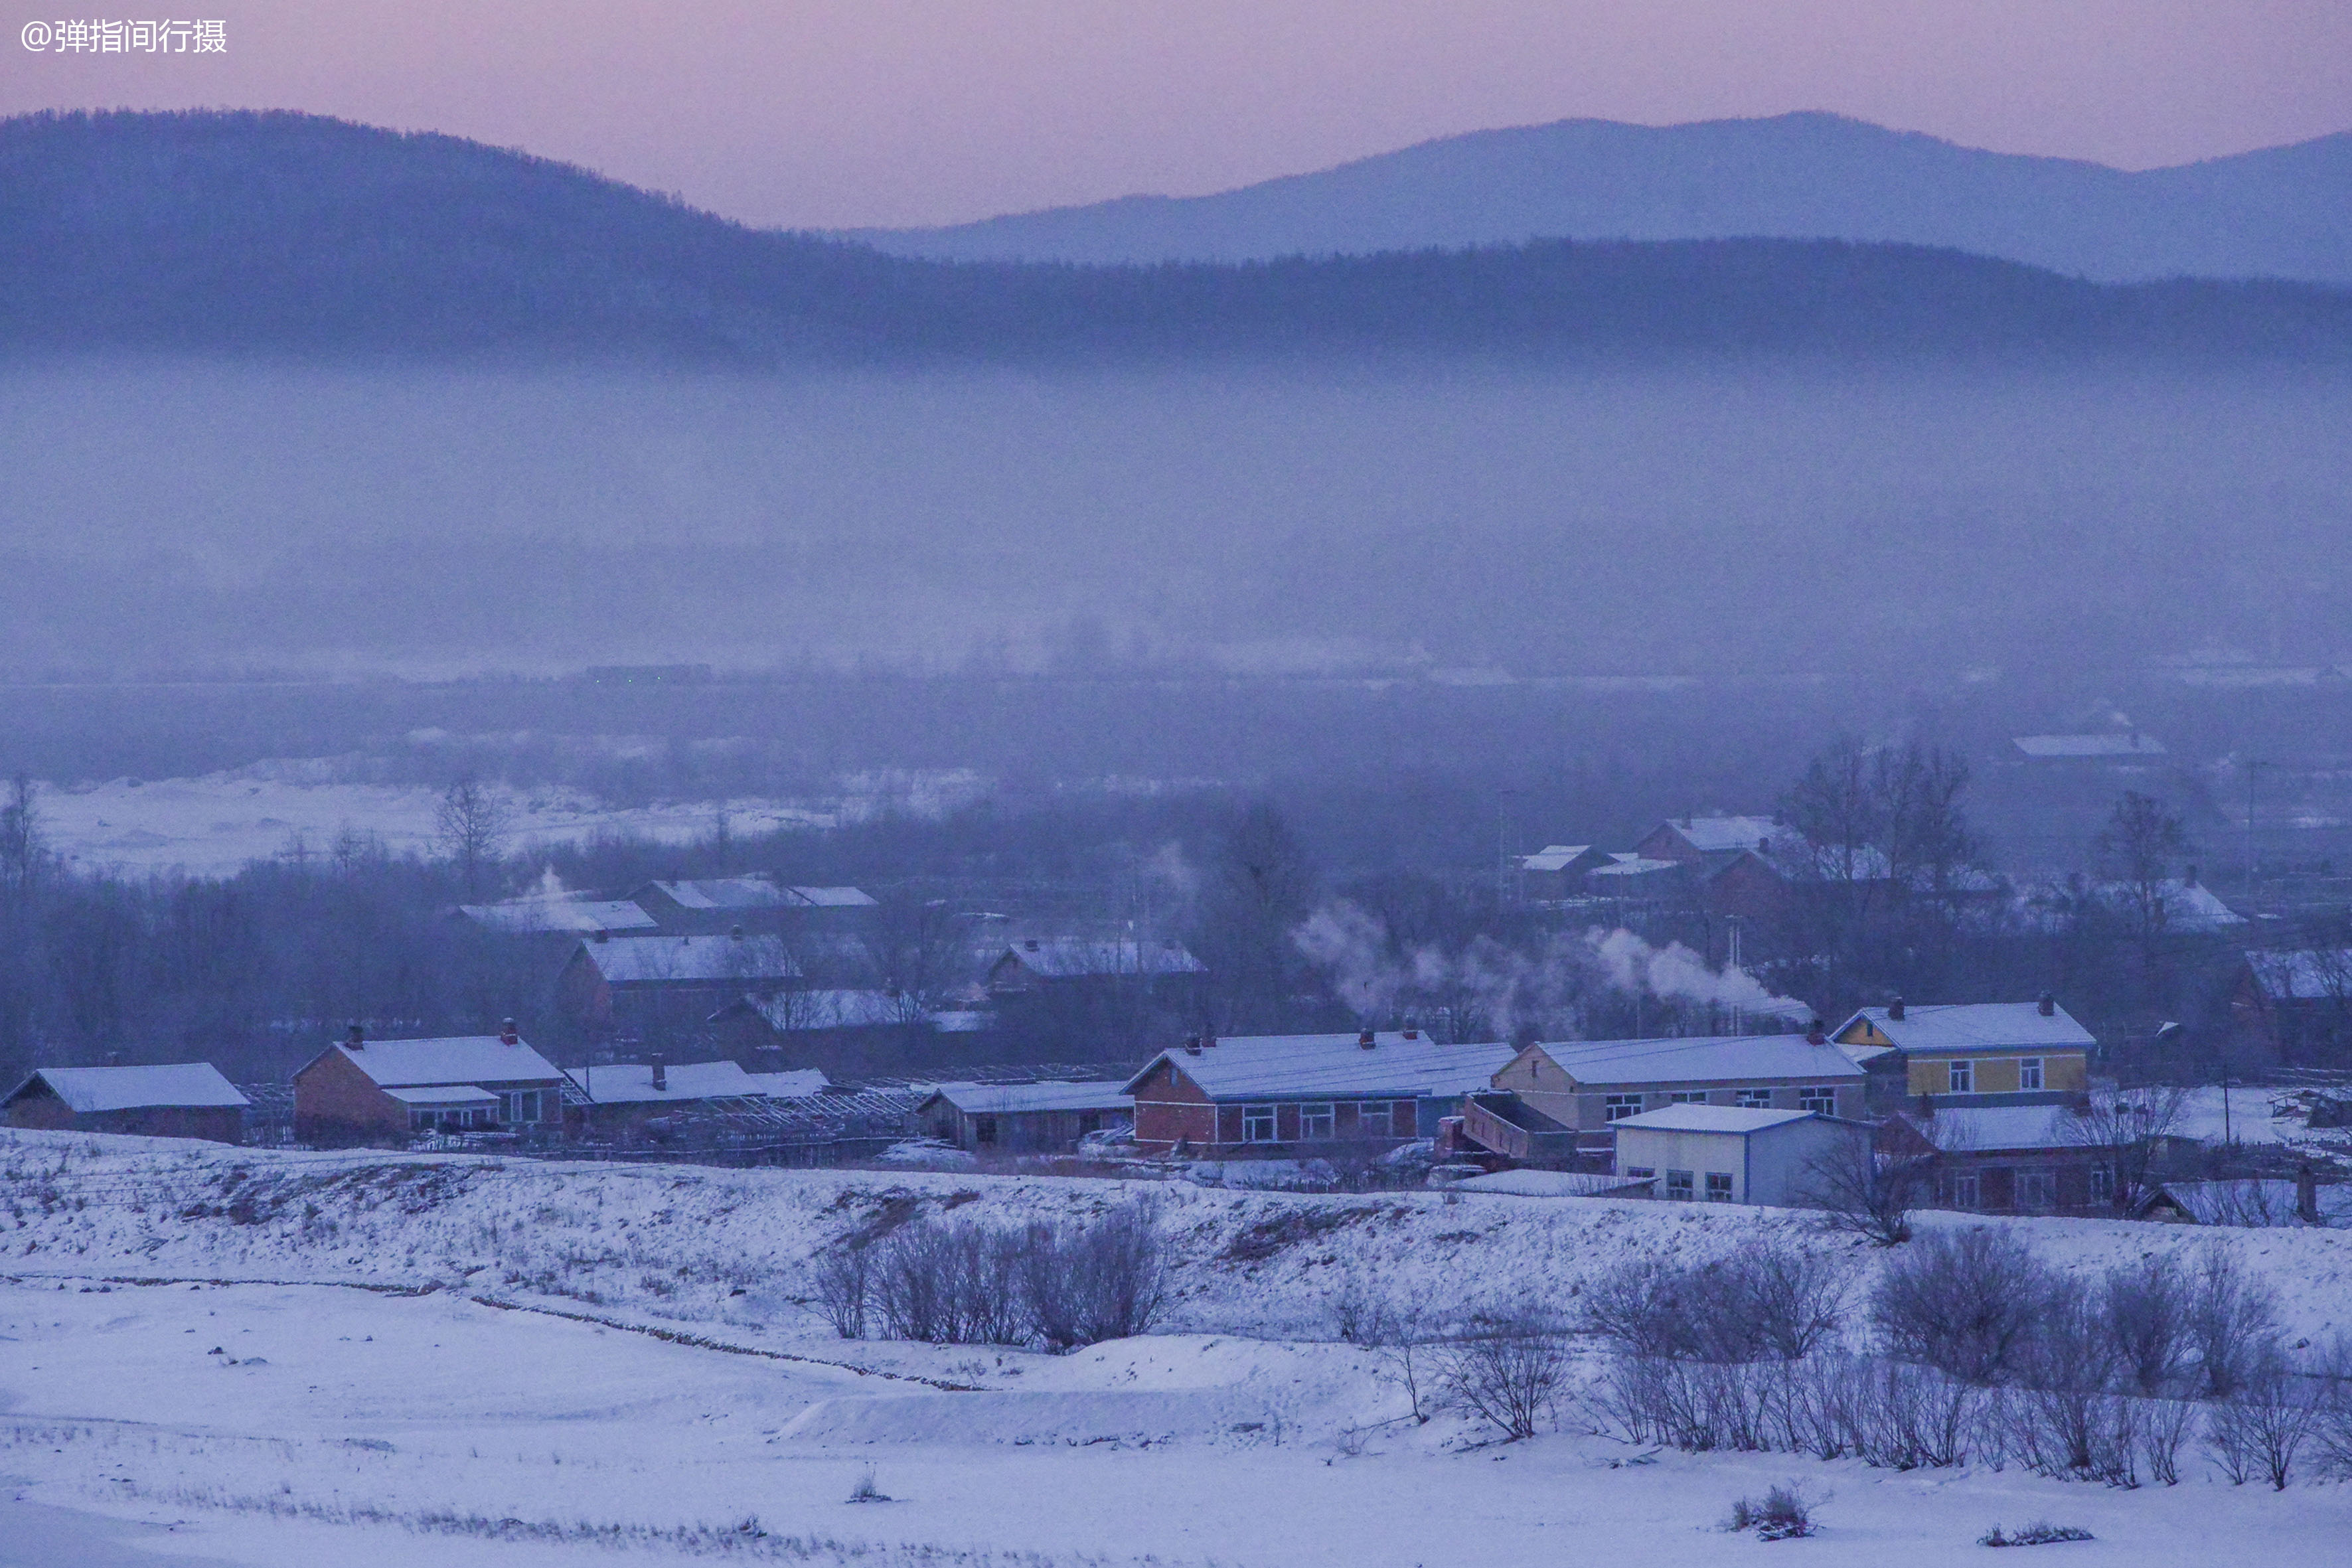 探秘零下40度的鄂伦春,邂逅冰雪日出胜景,普通村庄都美如仙境